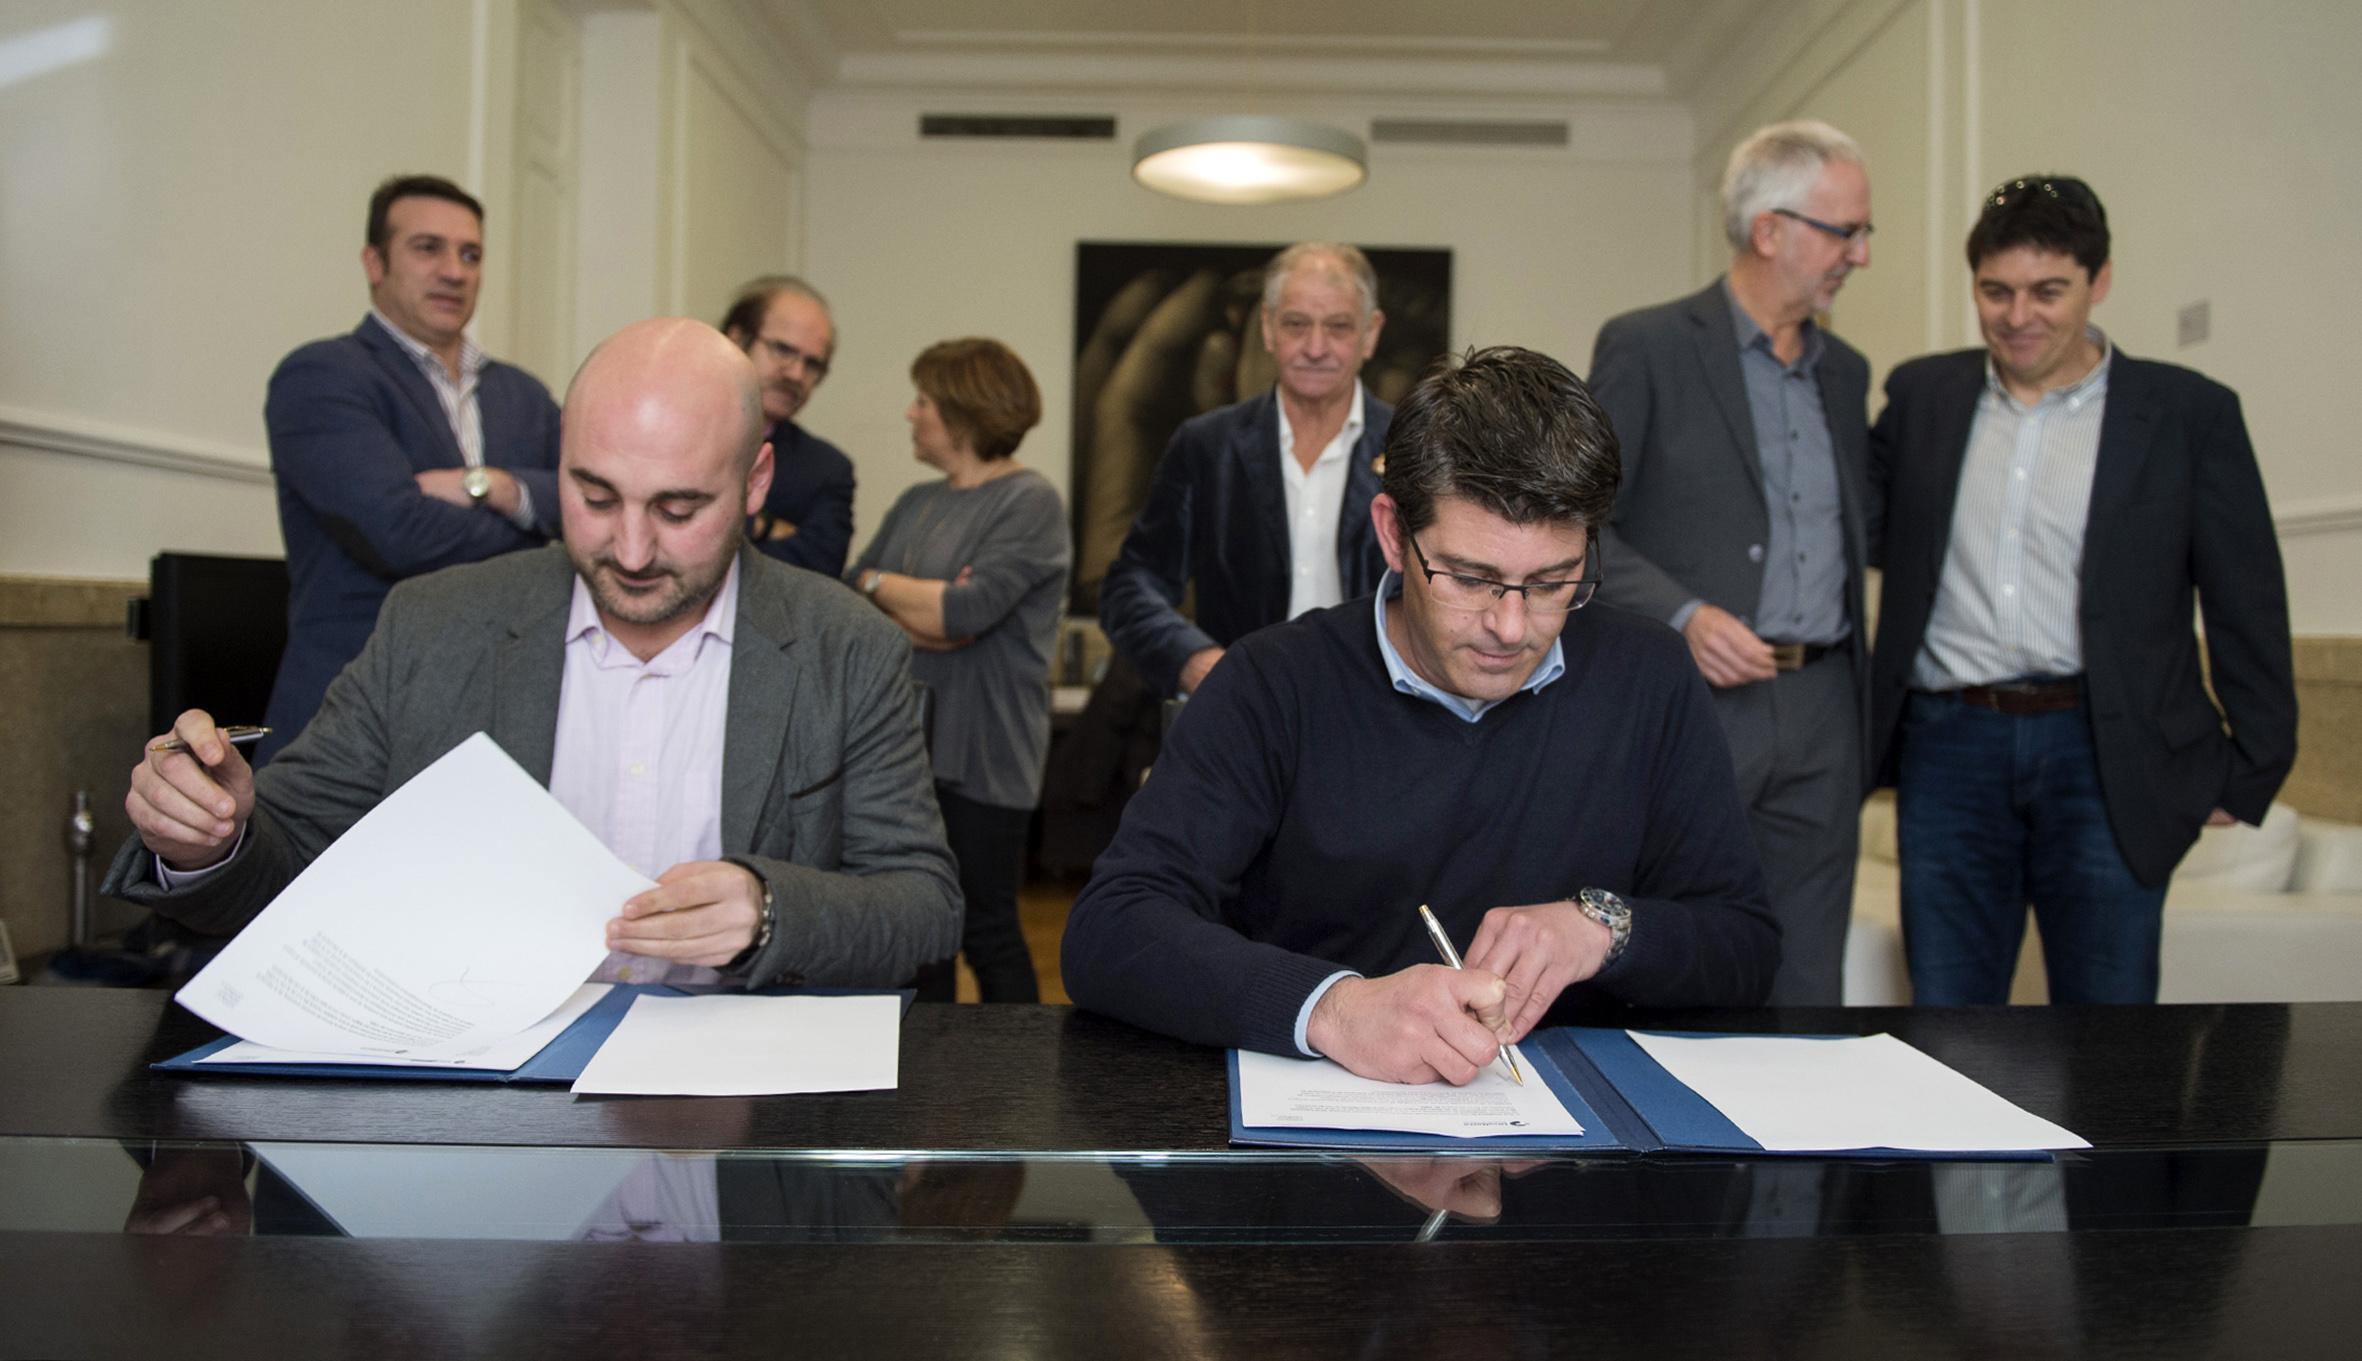 El presidente, Jorge Rodríguez, firma un acuerdo de colaboración con Redteval, una nueva federación de desarrollo territorial que recibirá una aportación de 60.000 euros y el asesoramiento técnico de la corporación.